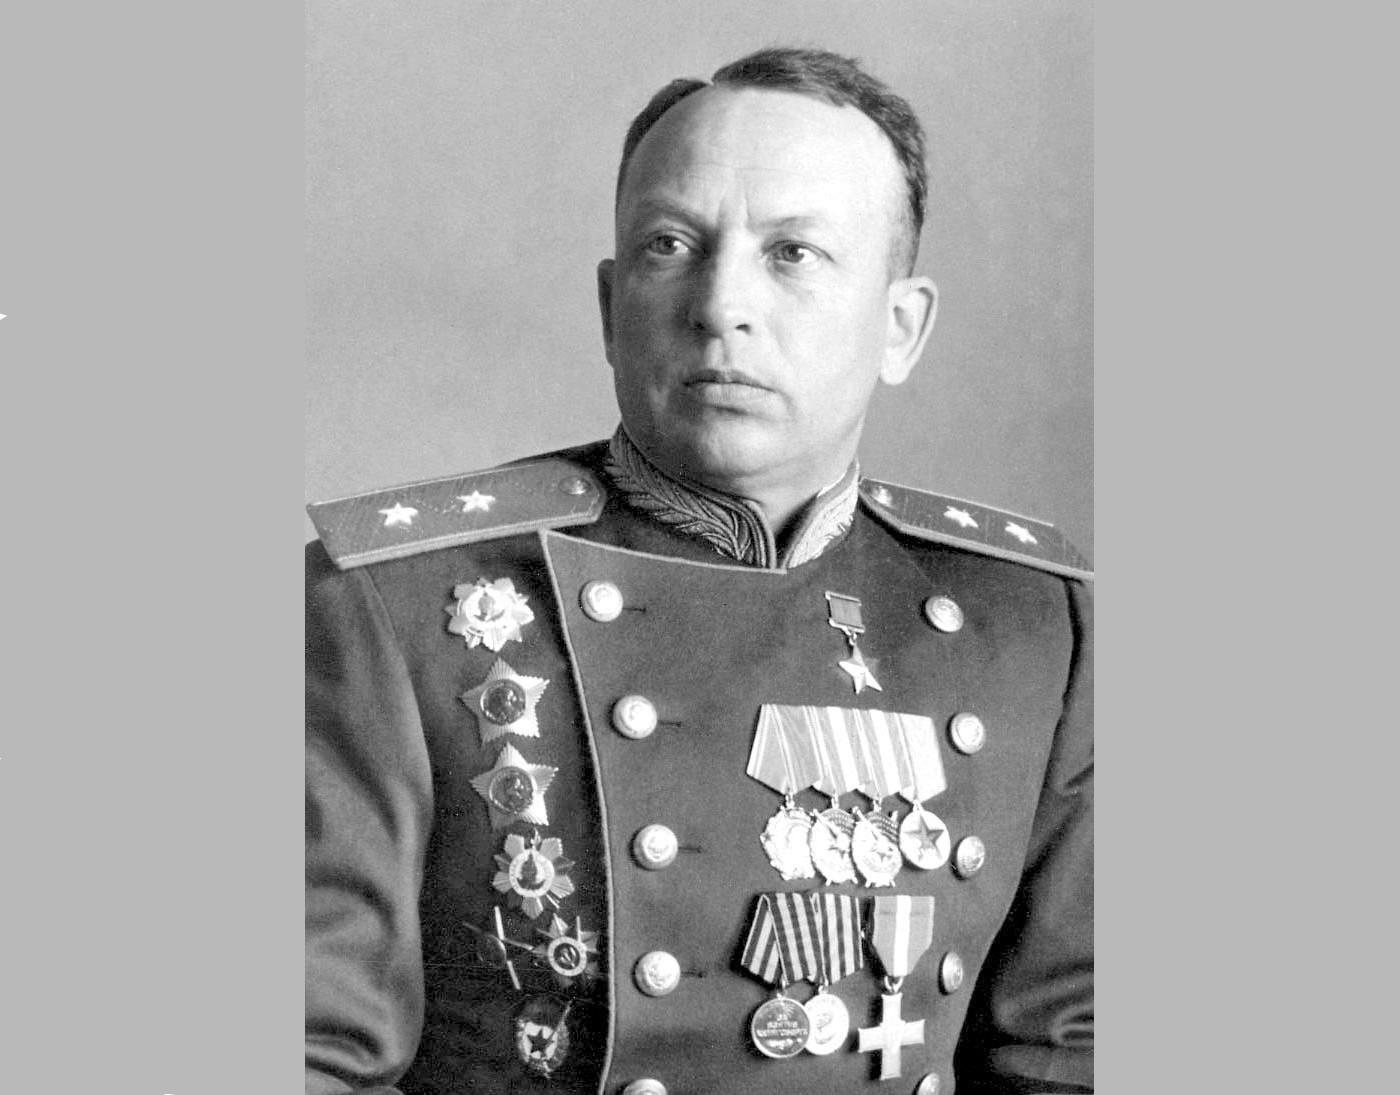 Георгий Байдуков работал на центральном командном пункте ВВС в Балашихе